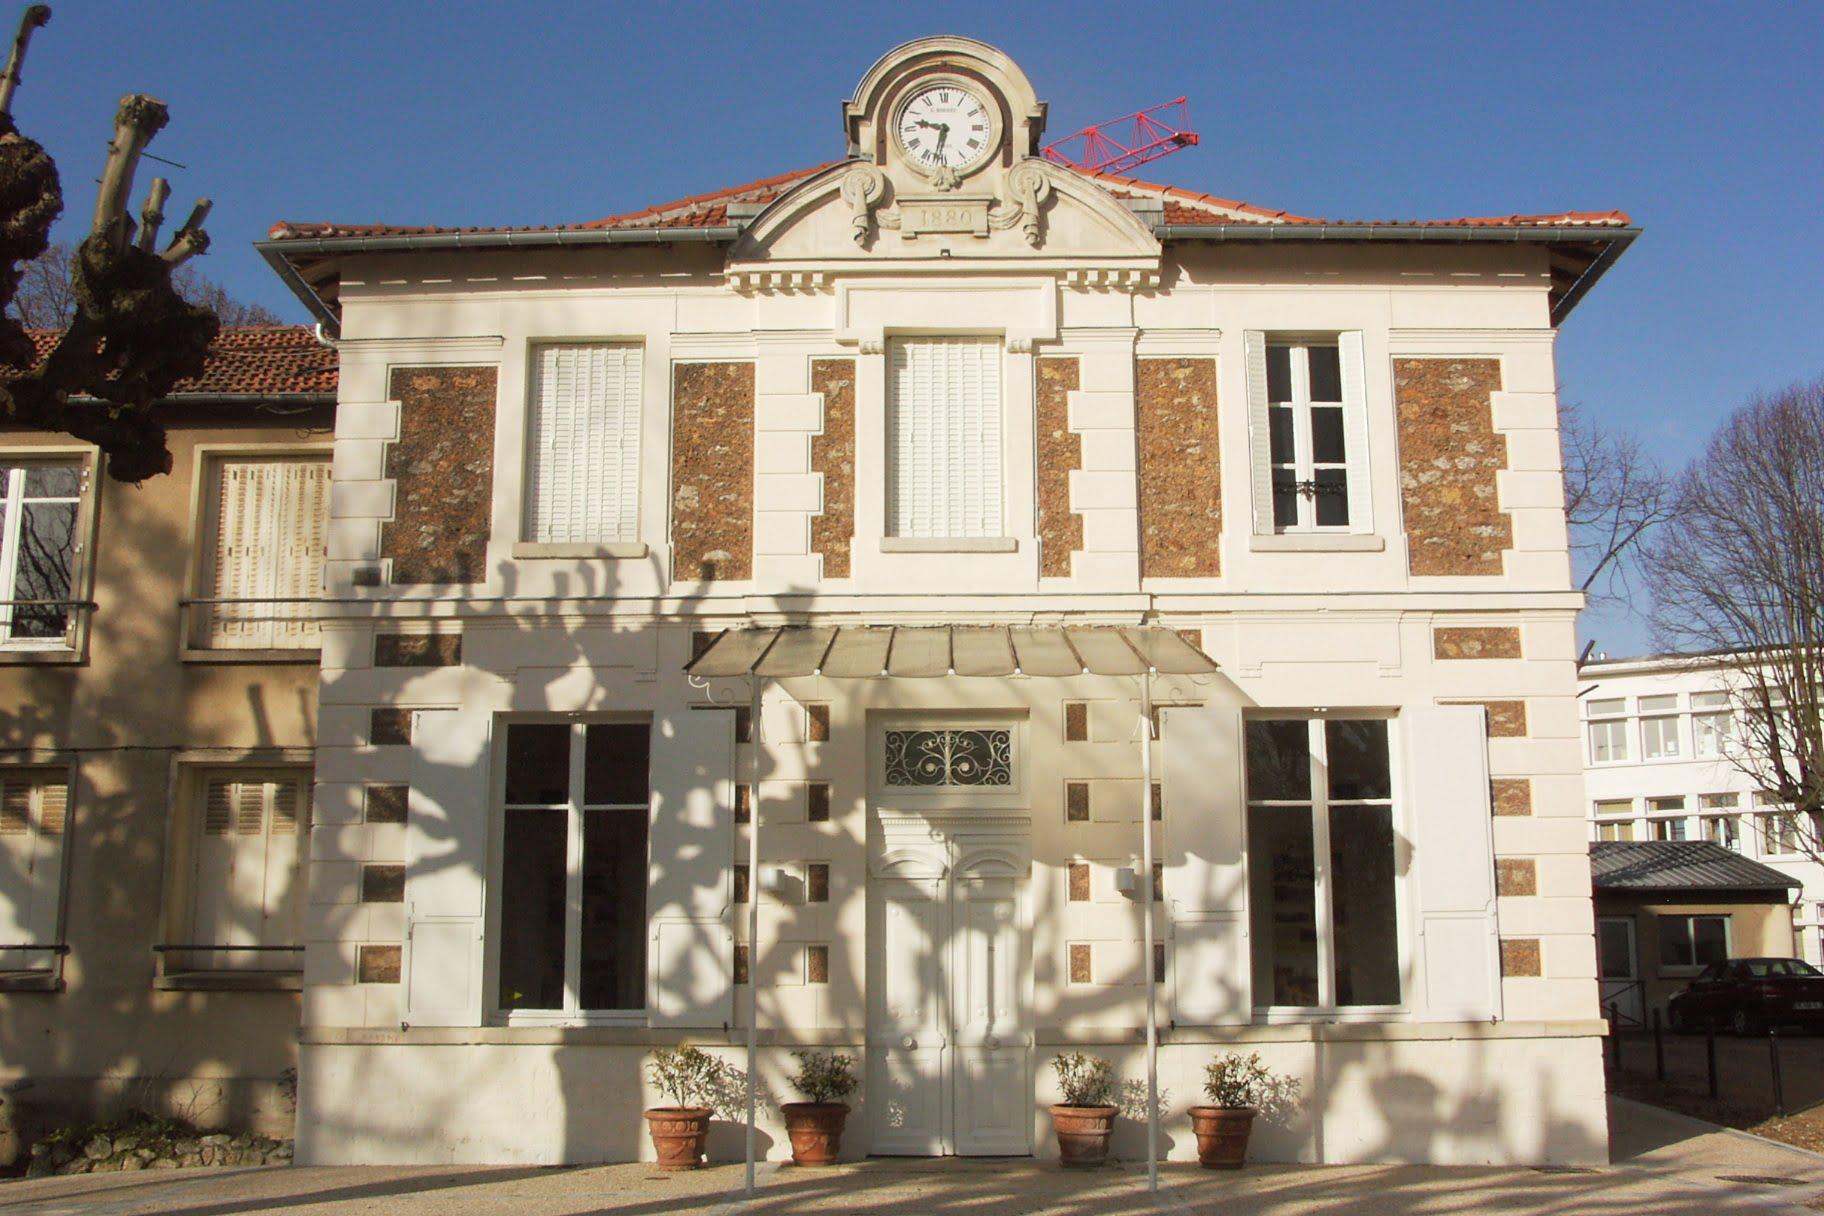 Vie de l association maison de banlieue et de l 39 architecture for Association maison